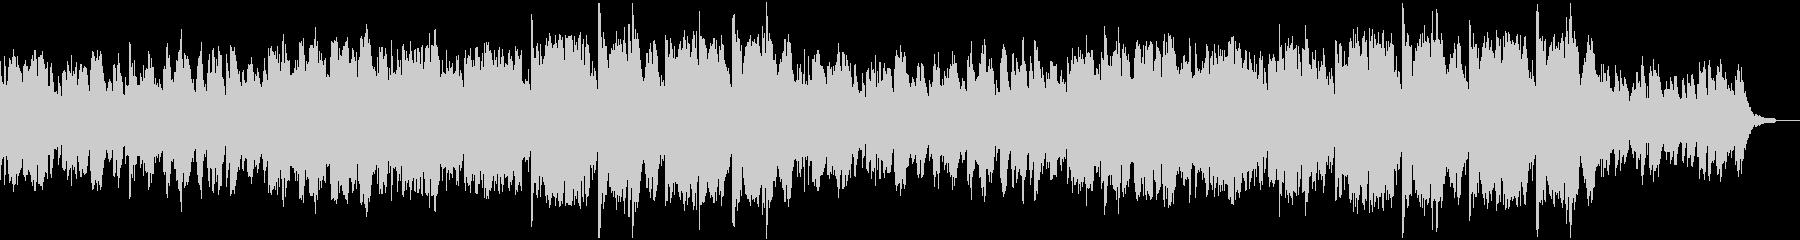 和楽器のバラード_尺八と琴とピアノの未再生の波形